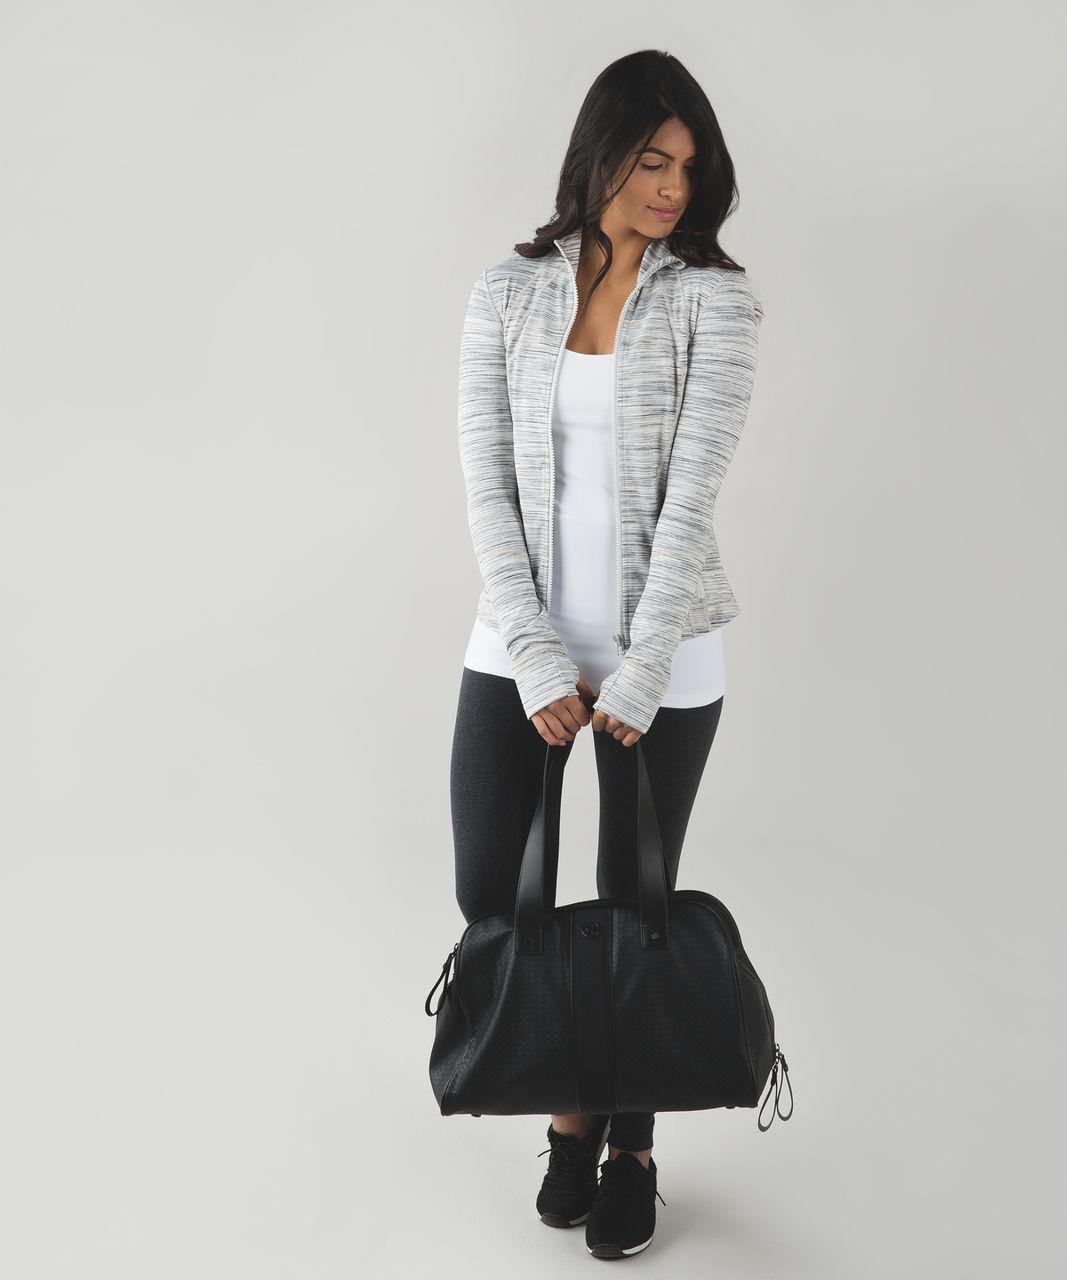 Lululemon Define Jacket - Space Dye Camo White Silver Spoon